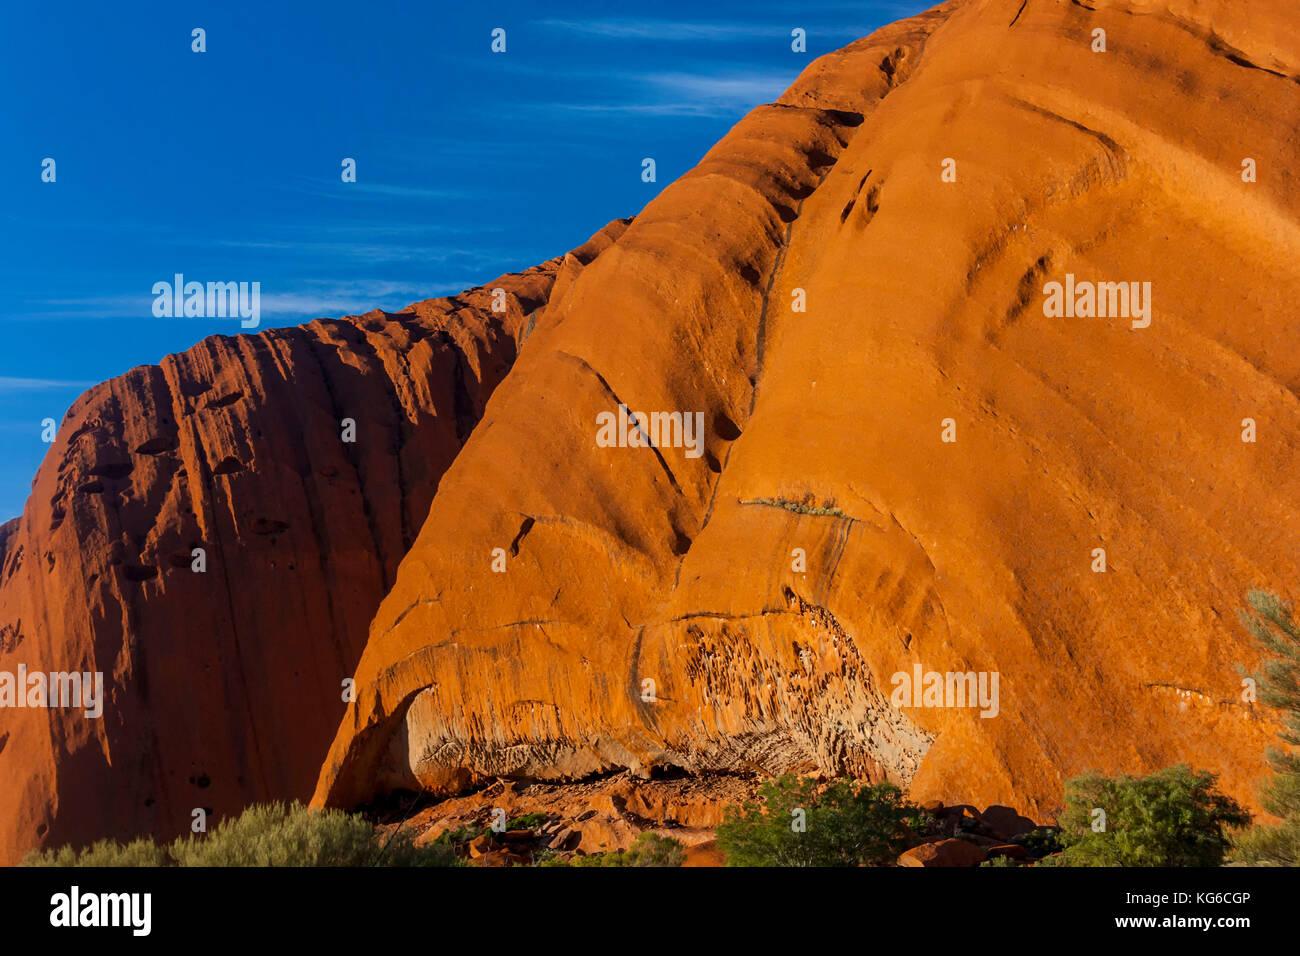 Détail d'Uluru et ciel bleu, rouge, centre de l'Australie Photo Stock